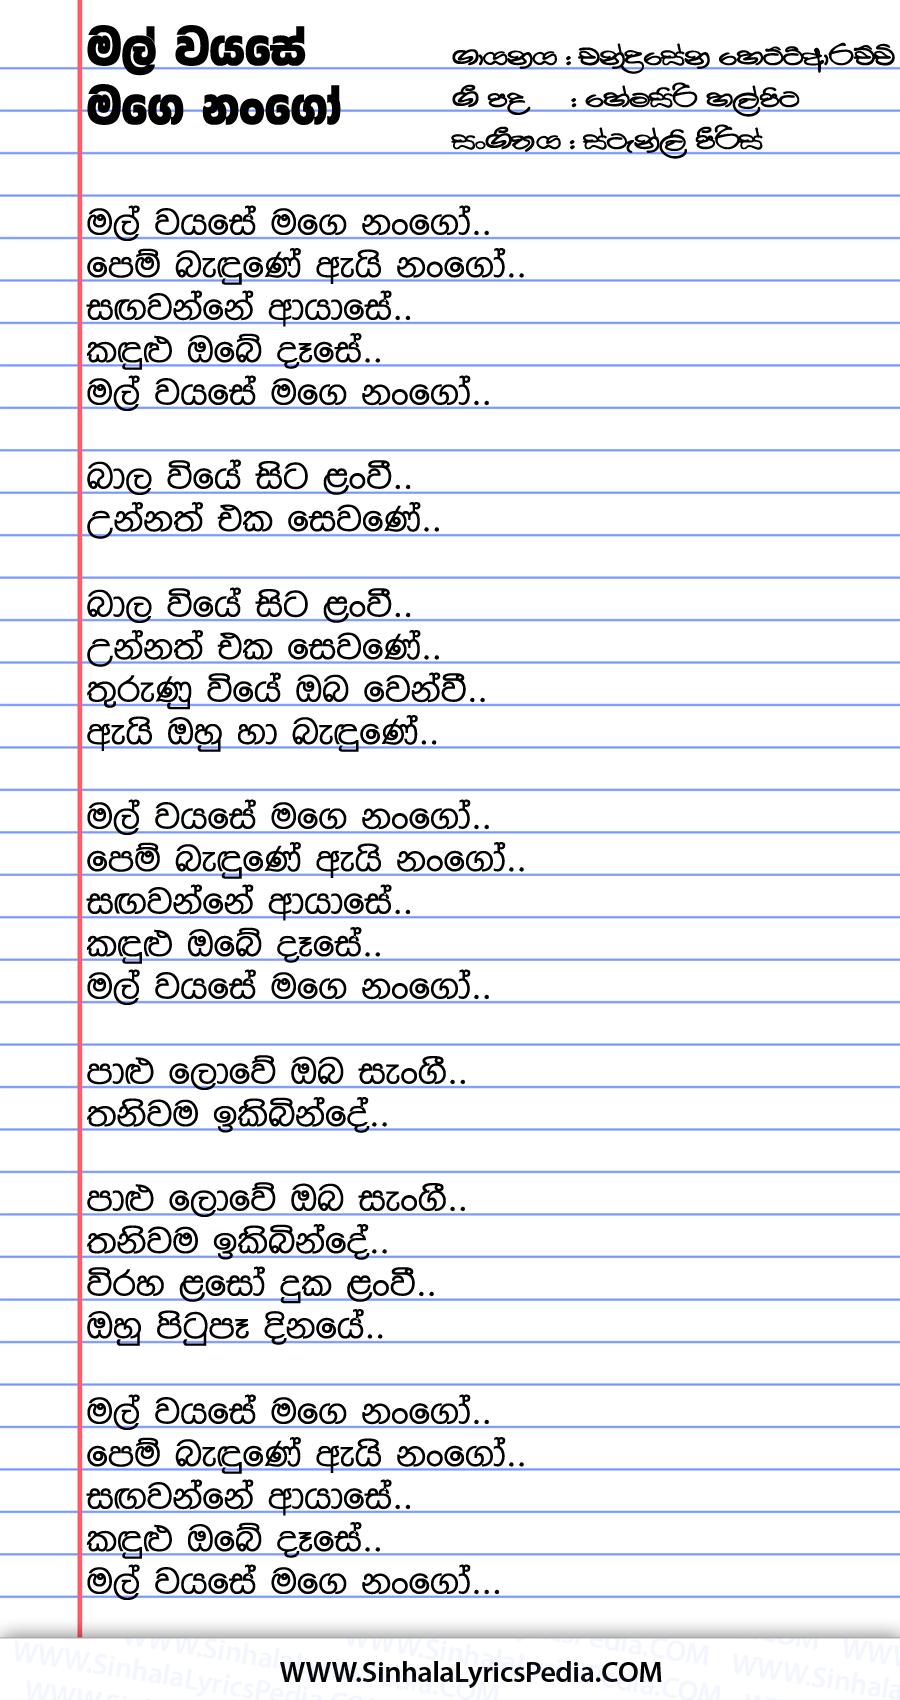 Mal Wayase Mage Nango Song Lyrics